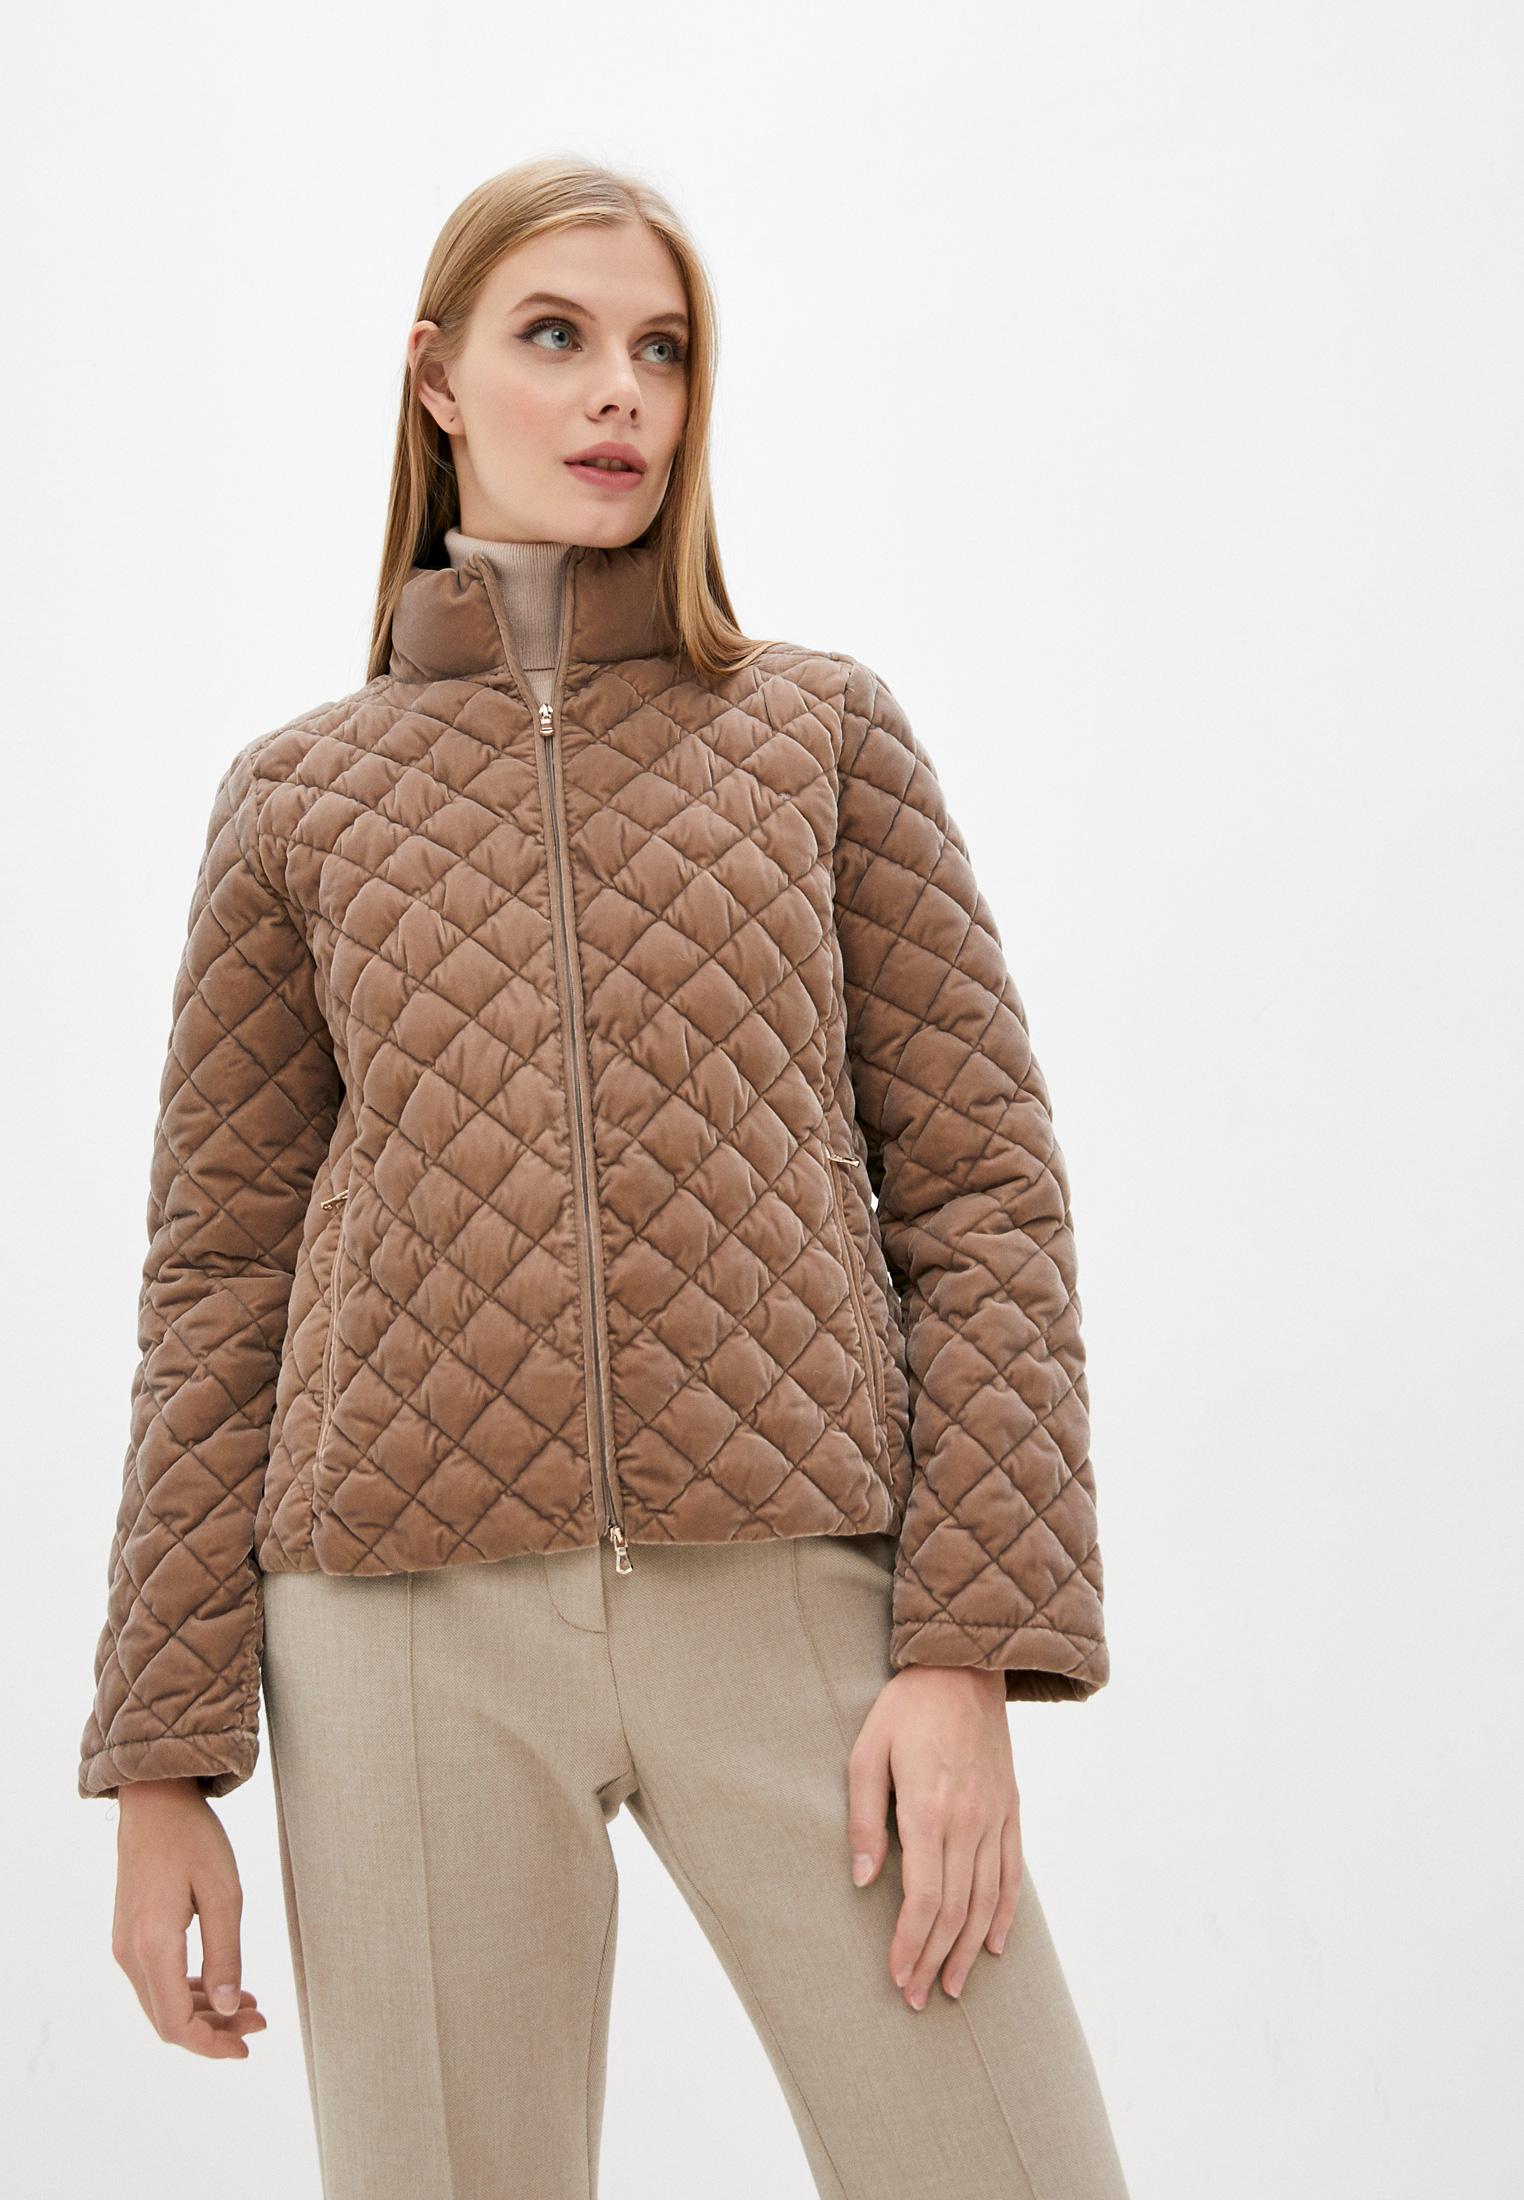 Утепленная куртка EMME MARELLA Куртка утепленная Emme Marella